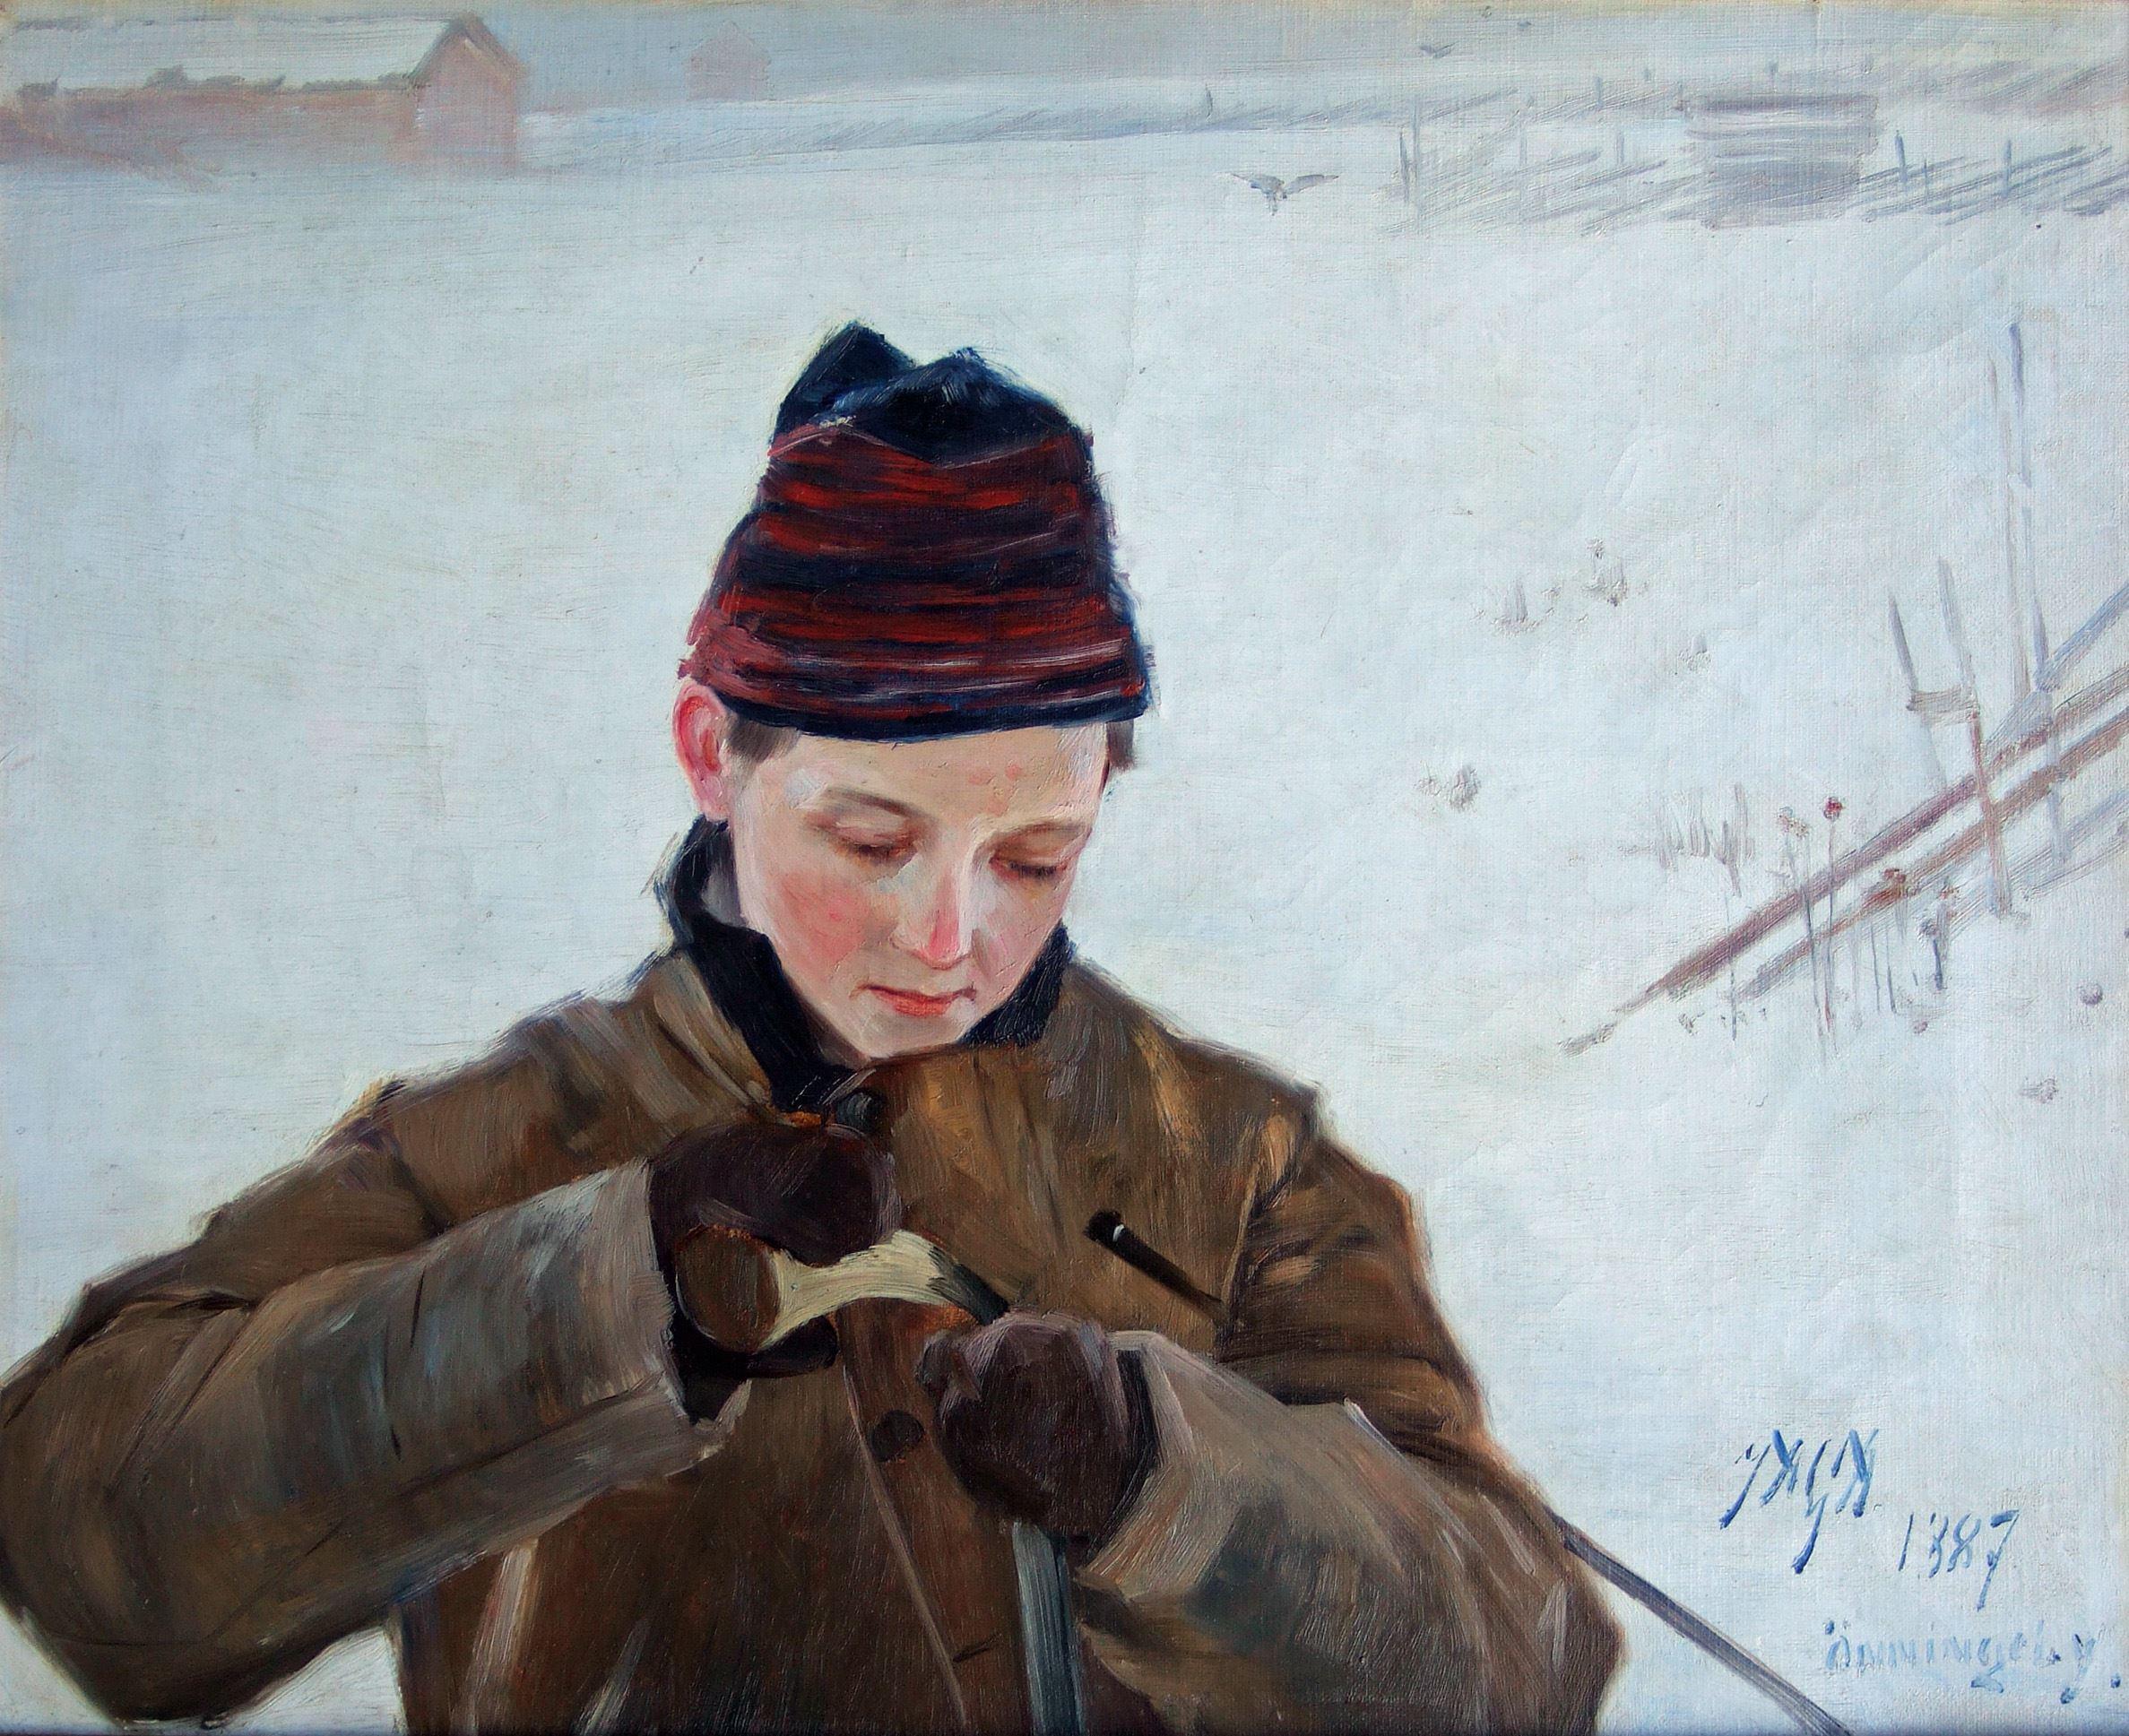 Önningebyn museo - Pääsylippu